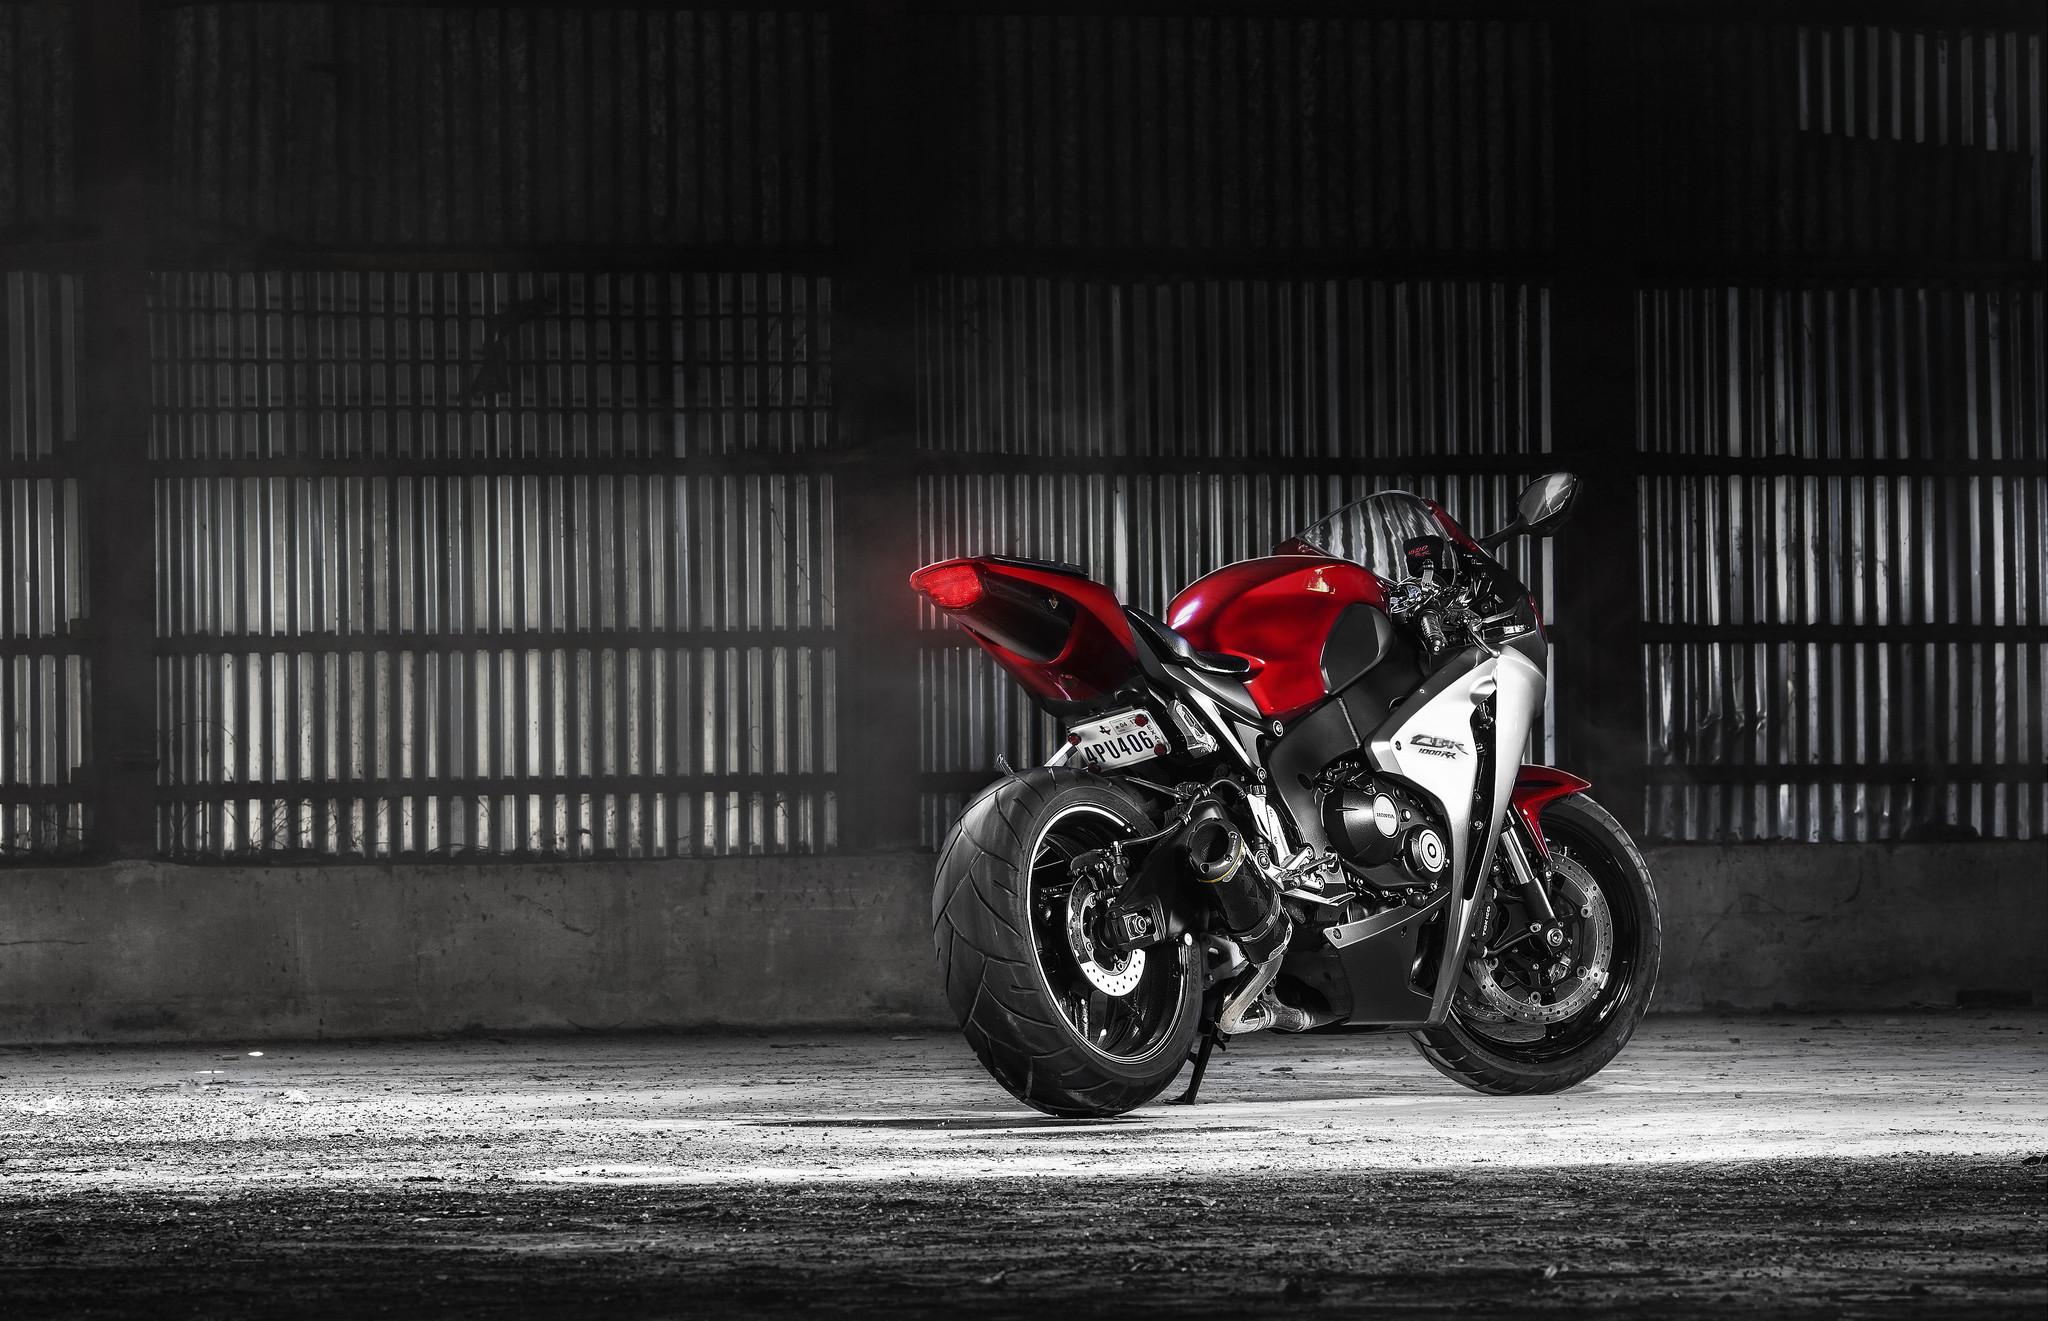 Res: 2048x1321, Vehicles - Honda CBR Wallpaper